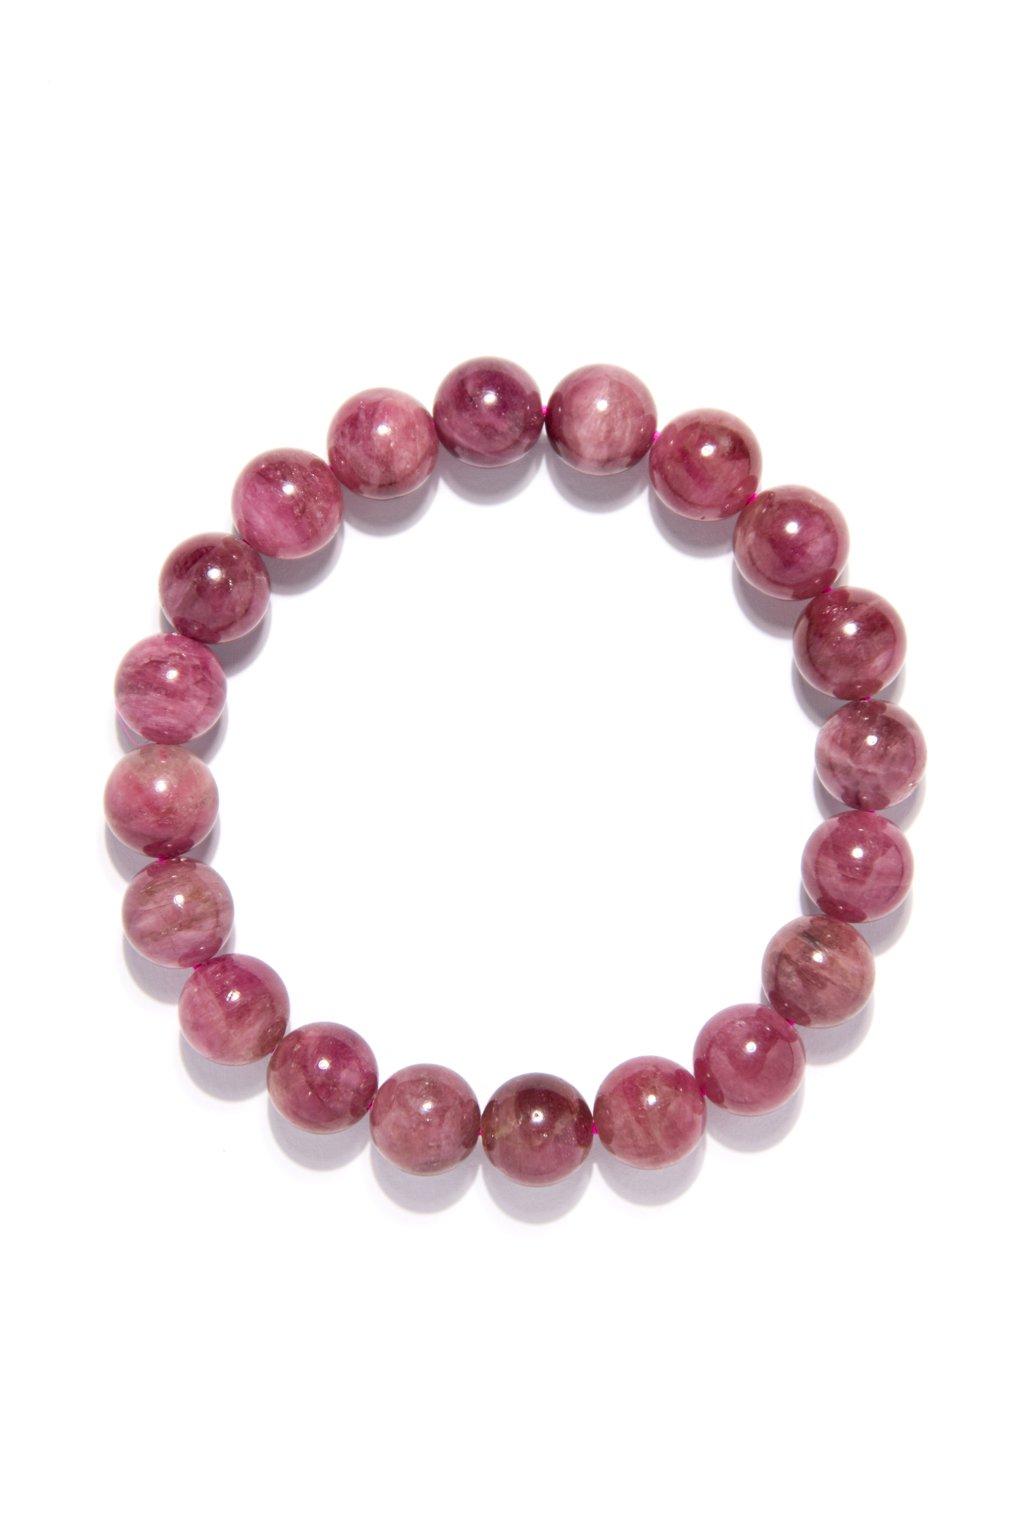 190 Ružový turmalin svetly (rubelit) náramok 10mm